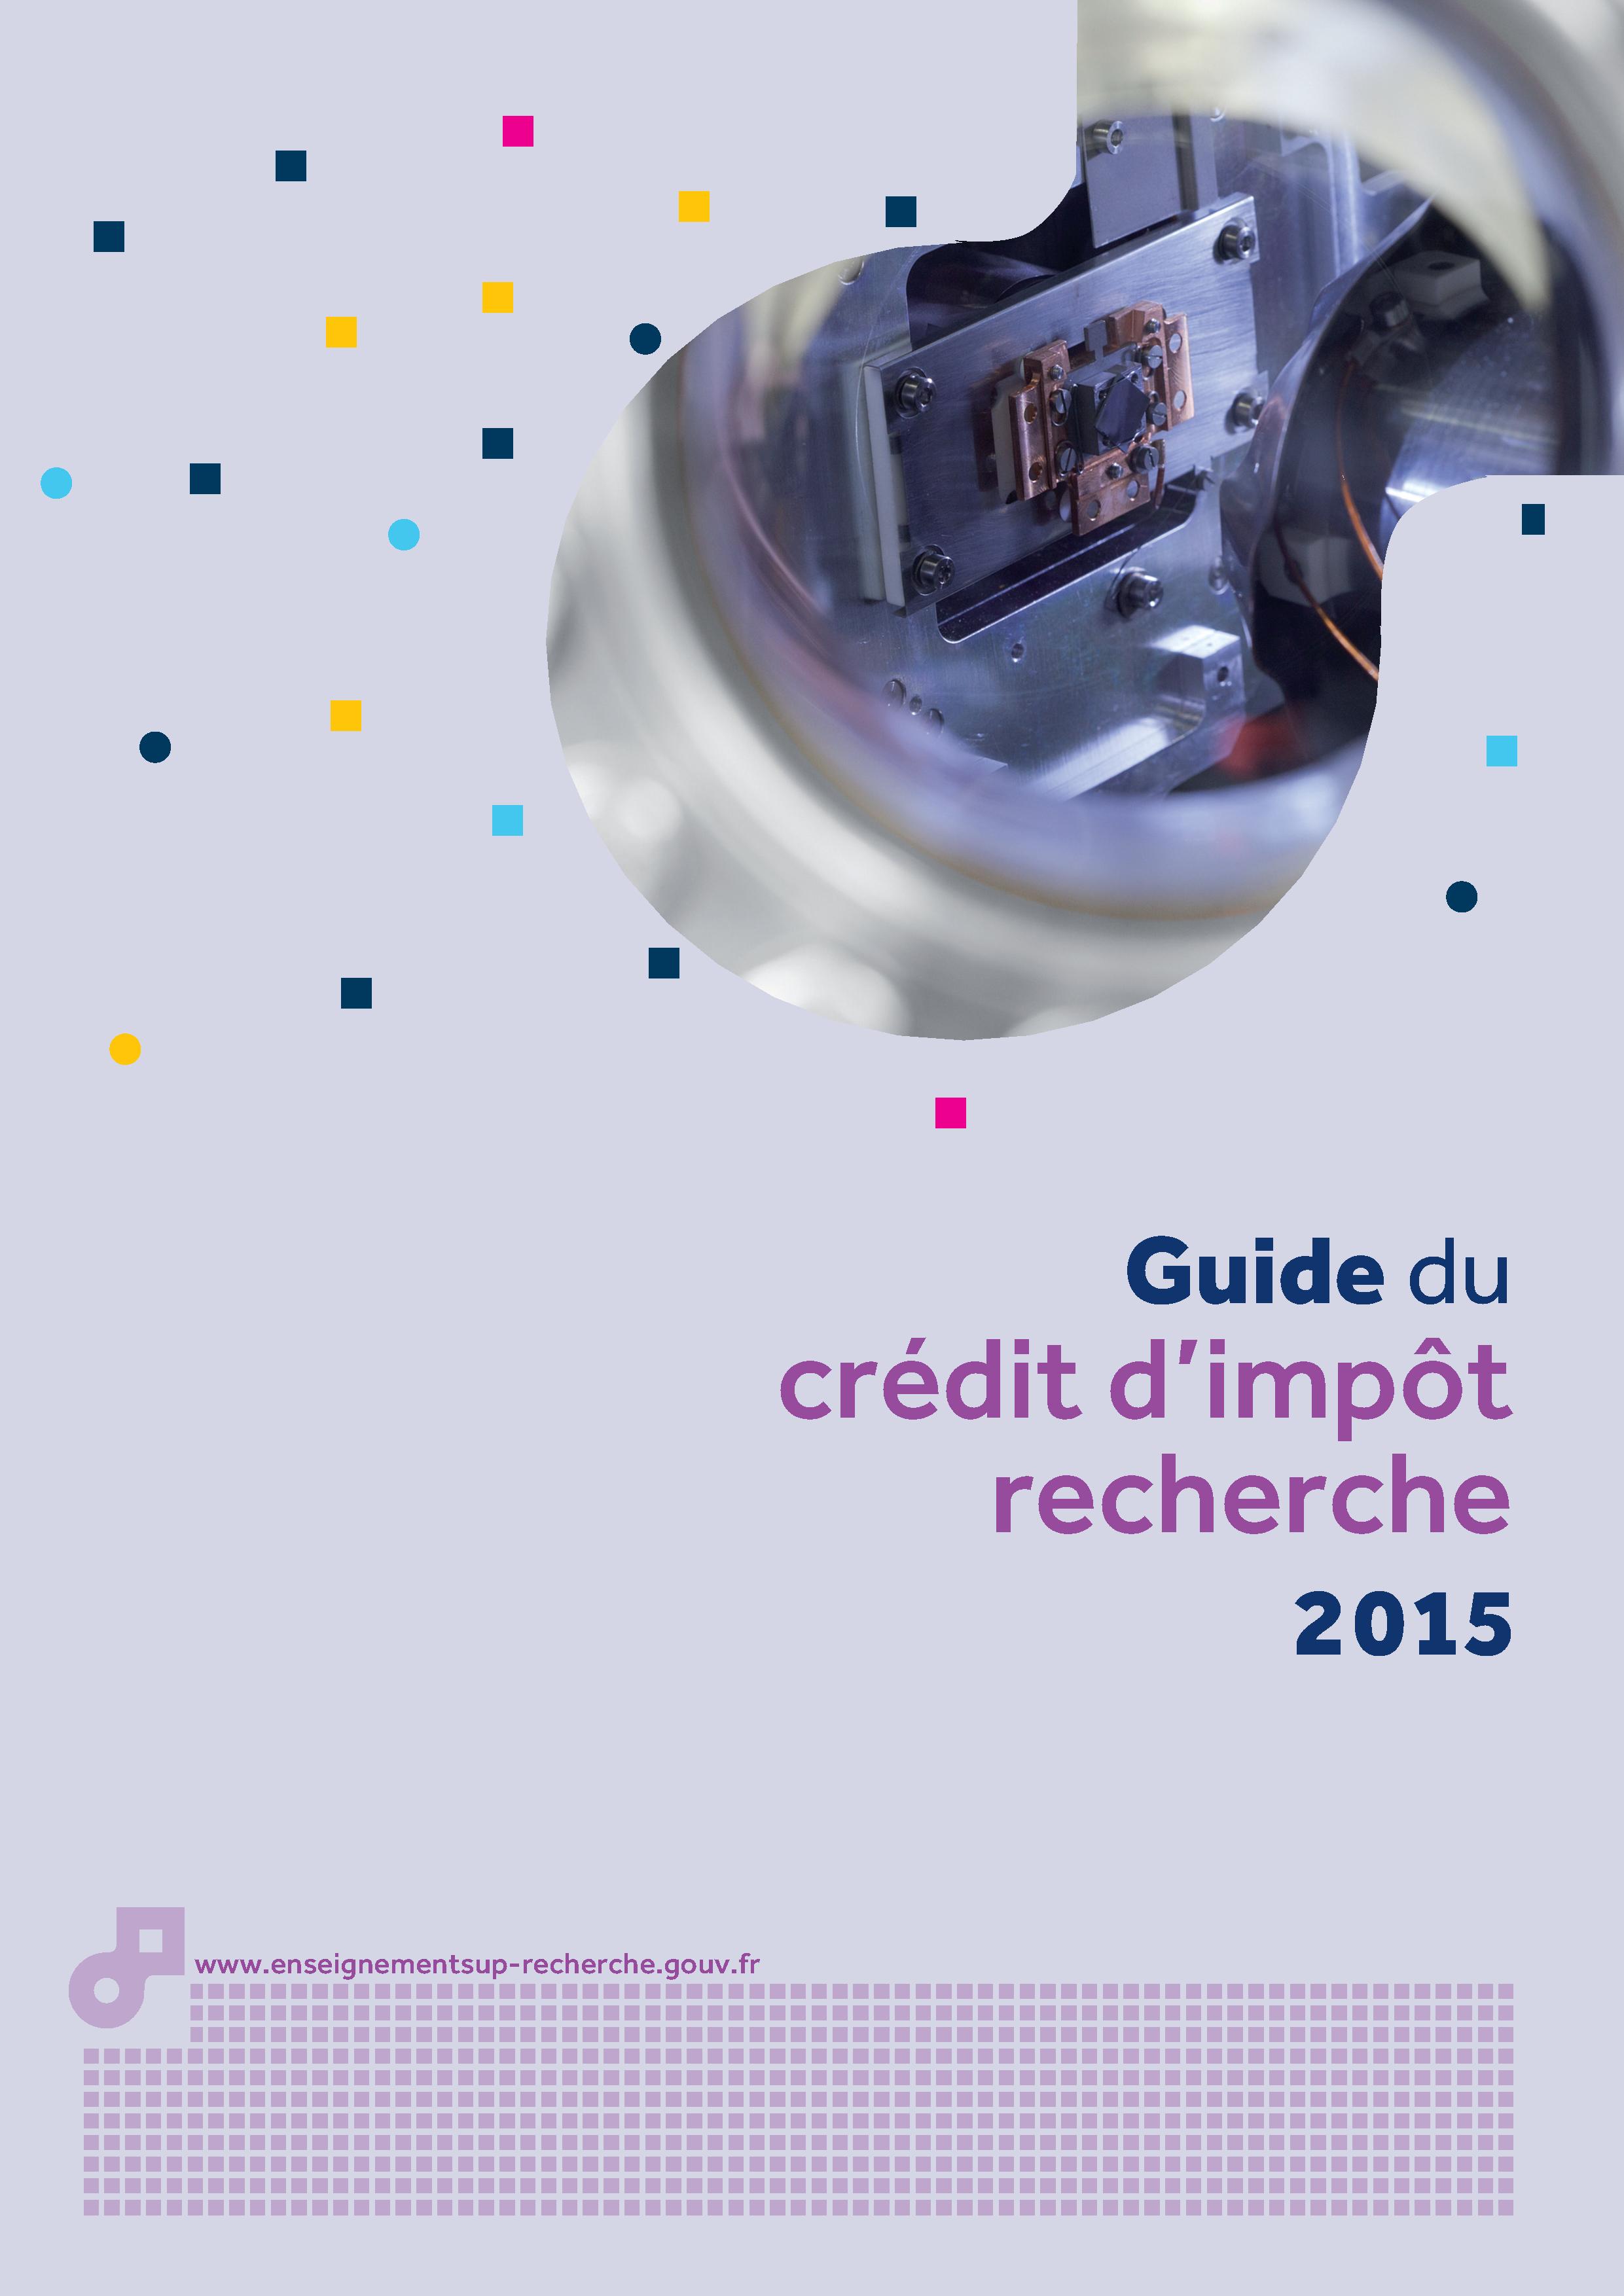 Crédit d'impot recherche (CIR) : guide pratique